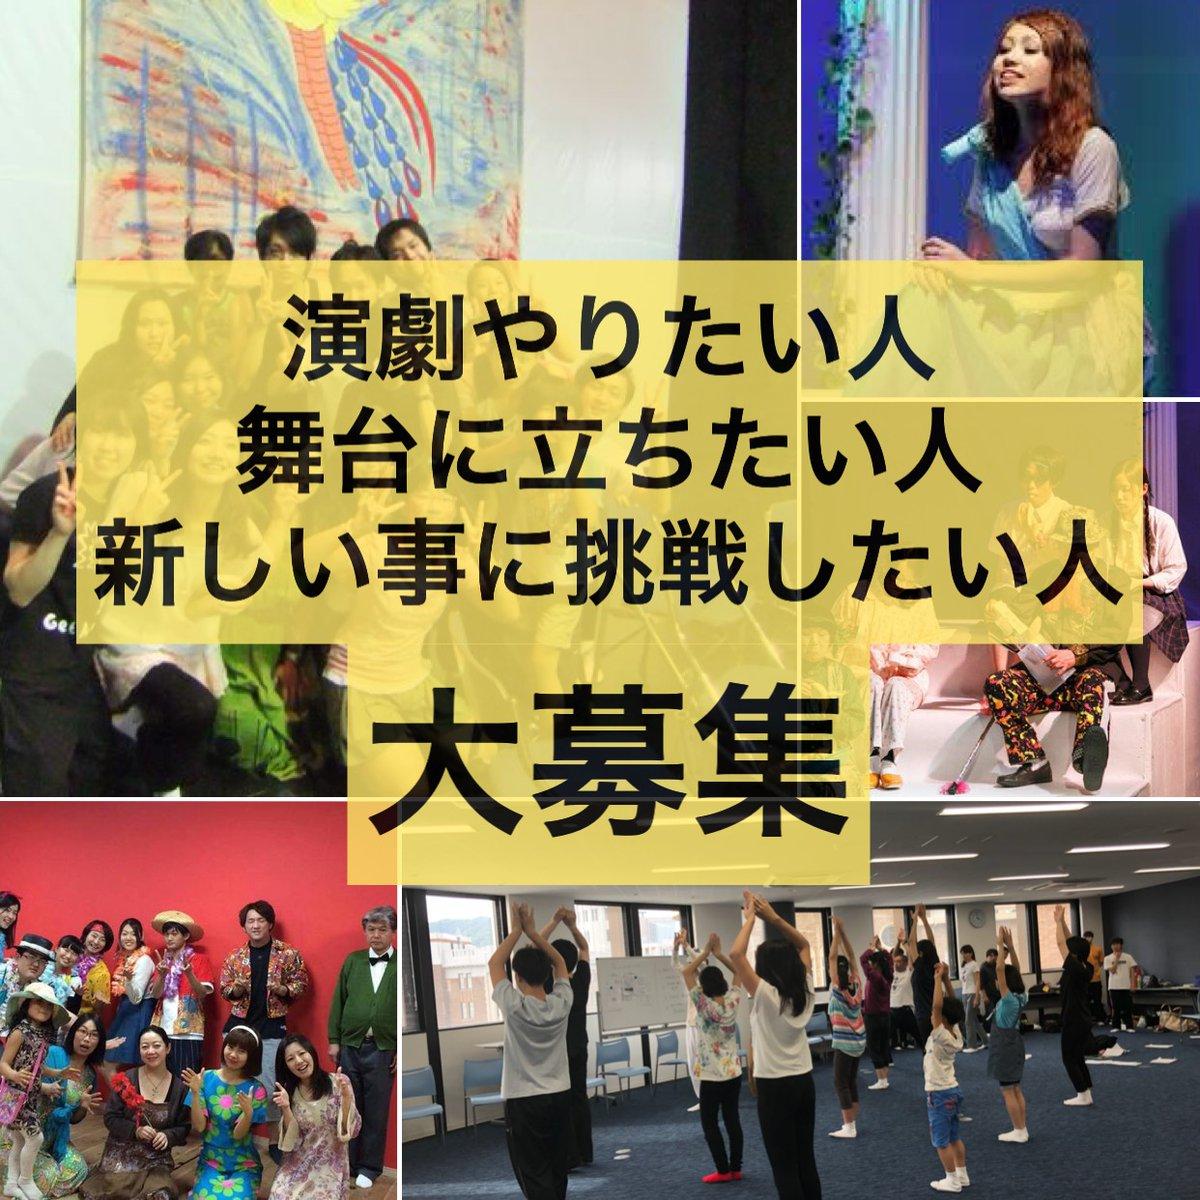 座・大阪市民劇場 (@osakashimin) | Twitter